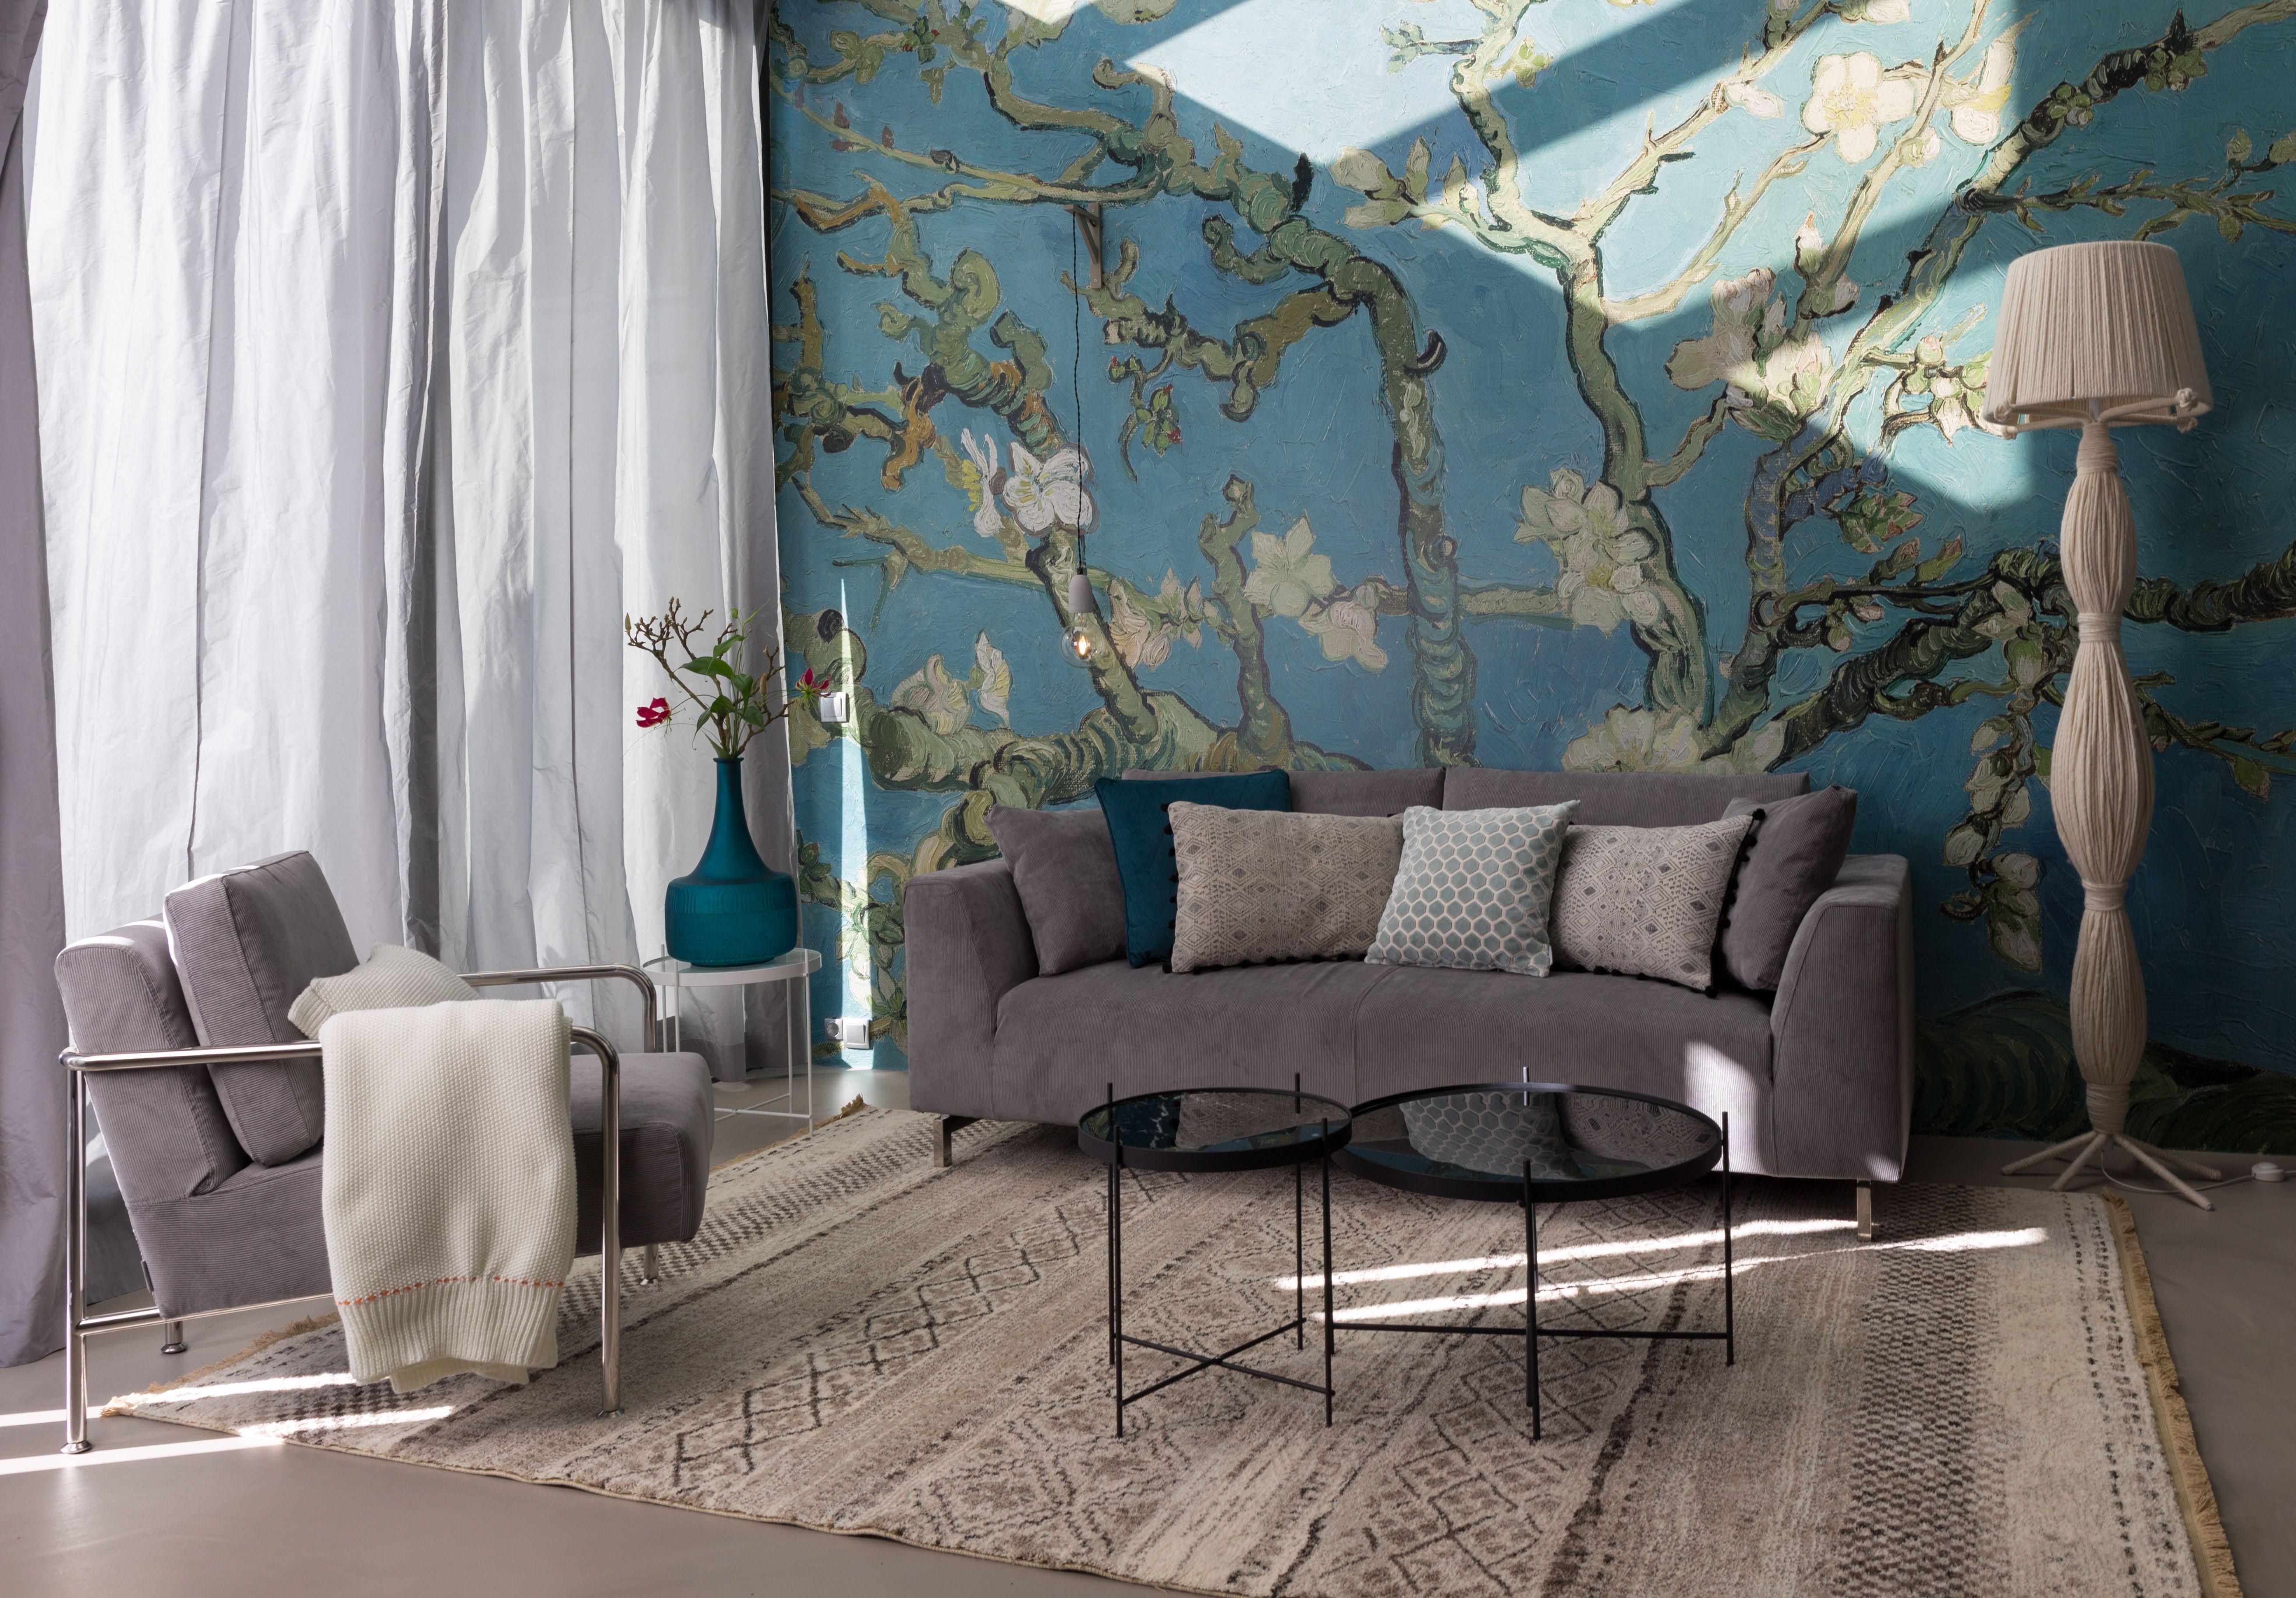 très beau salon avec mur peint et meubles gris et naturel pour s ...